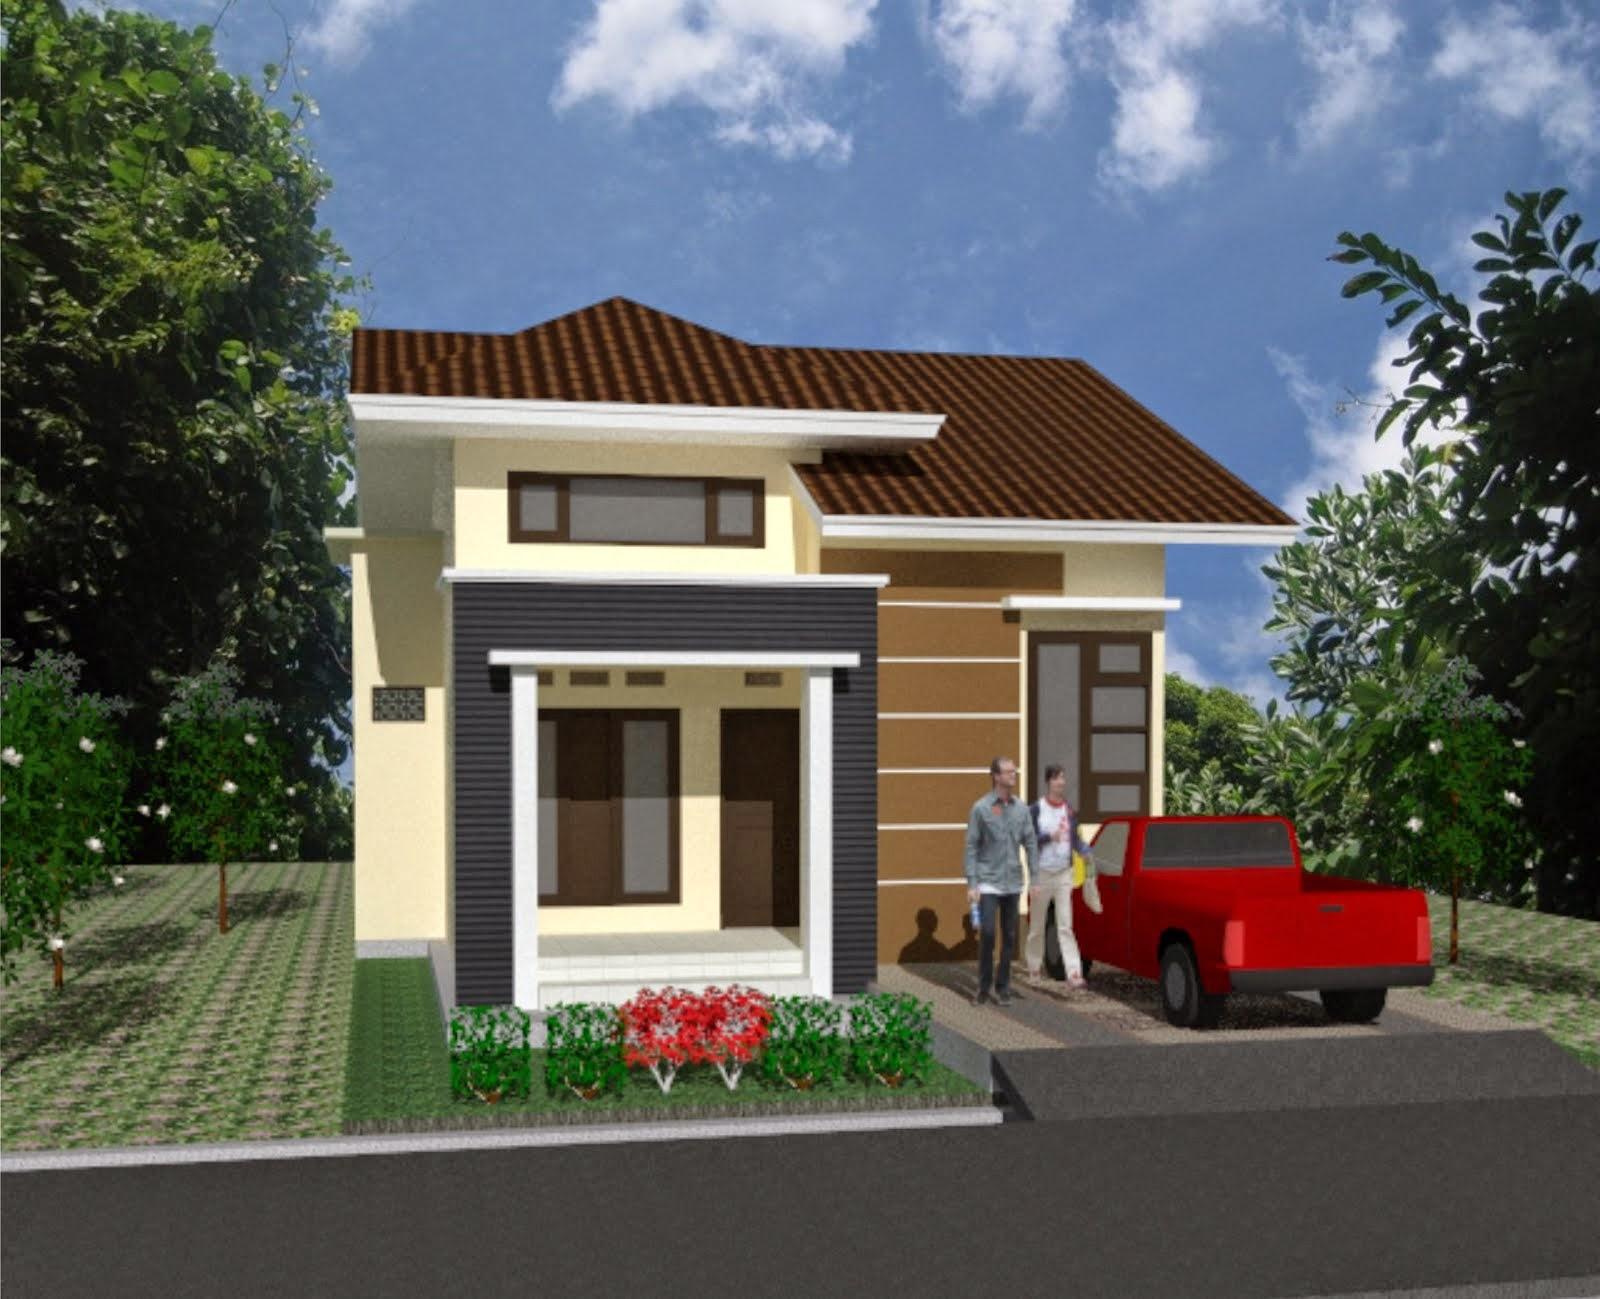 109 Gambar Rumah Minimalis Sederhana Dan Elegan Gambar Desain Rumah Minimalis